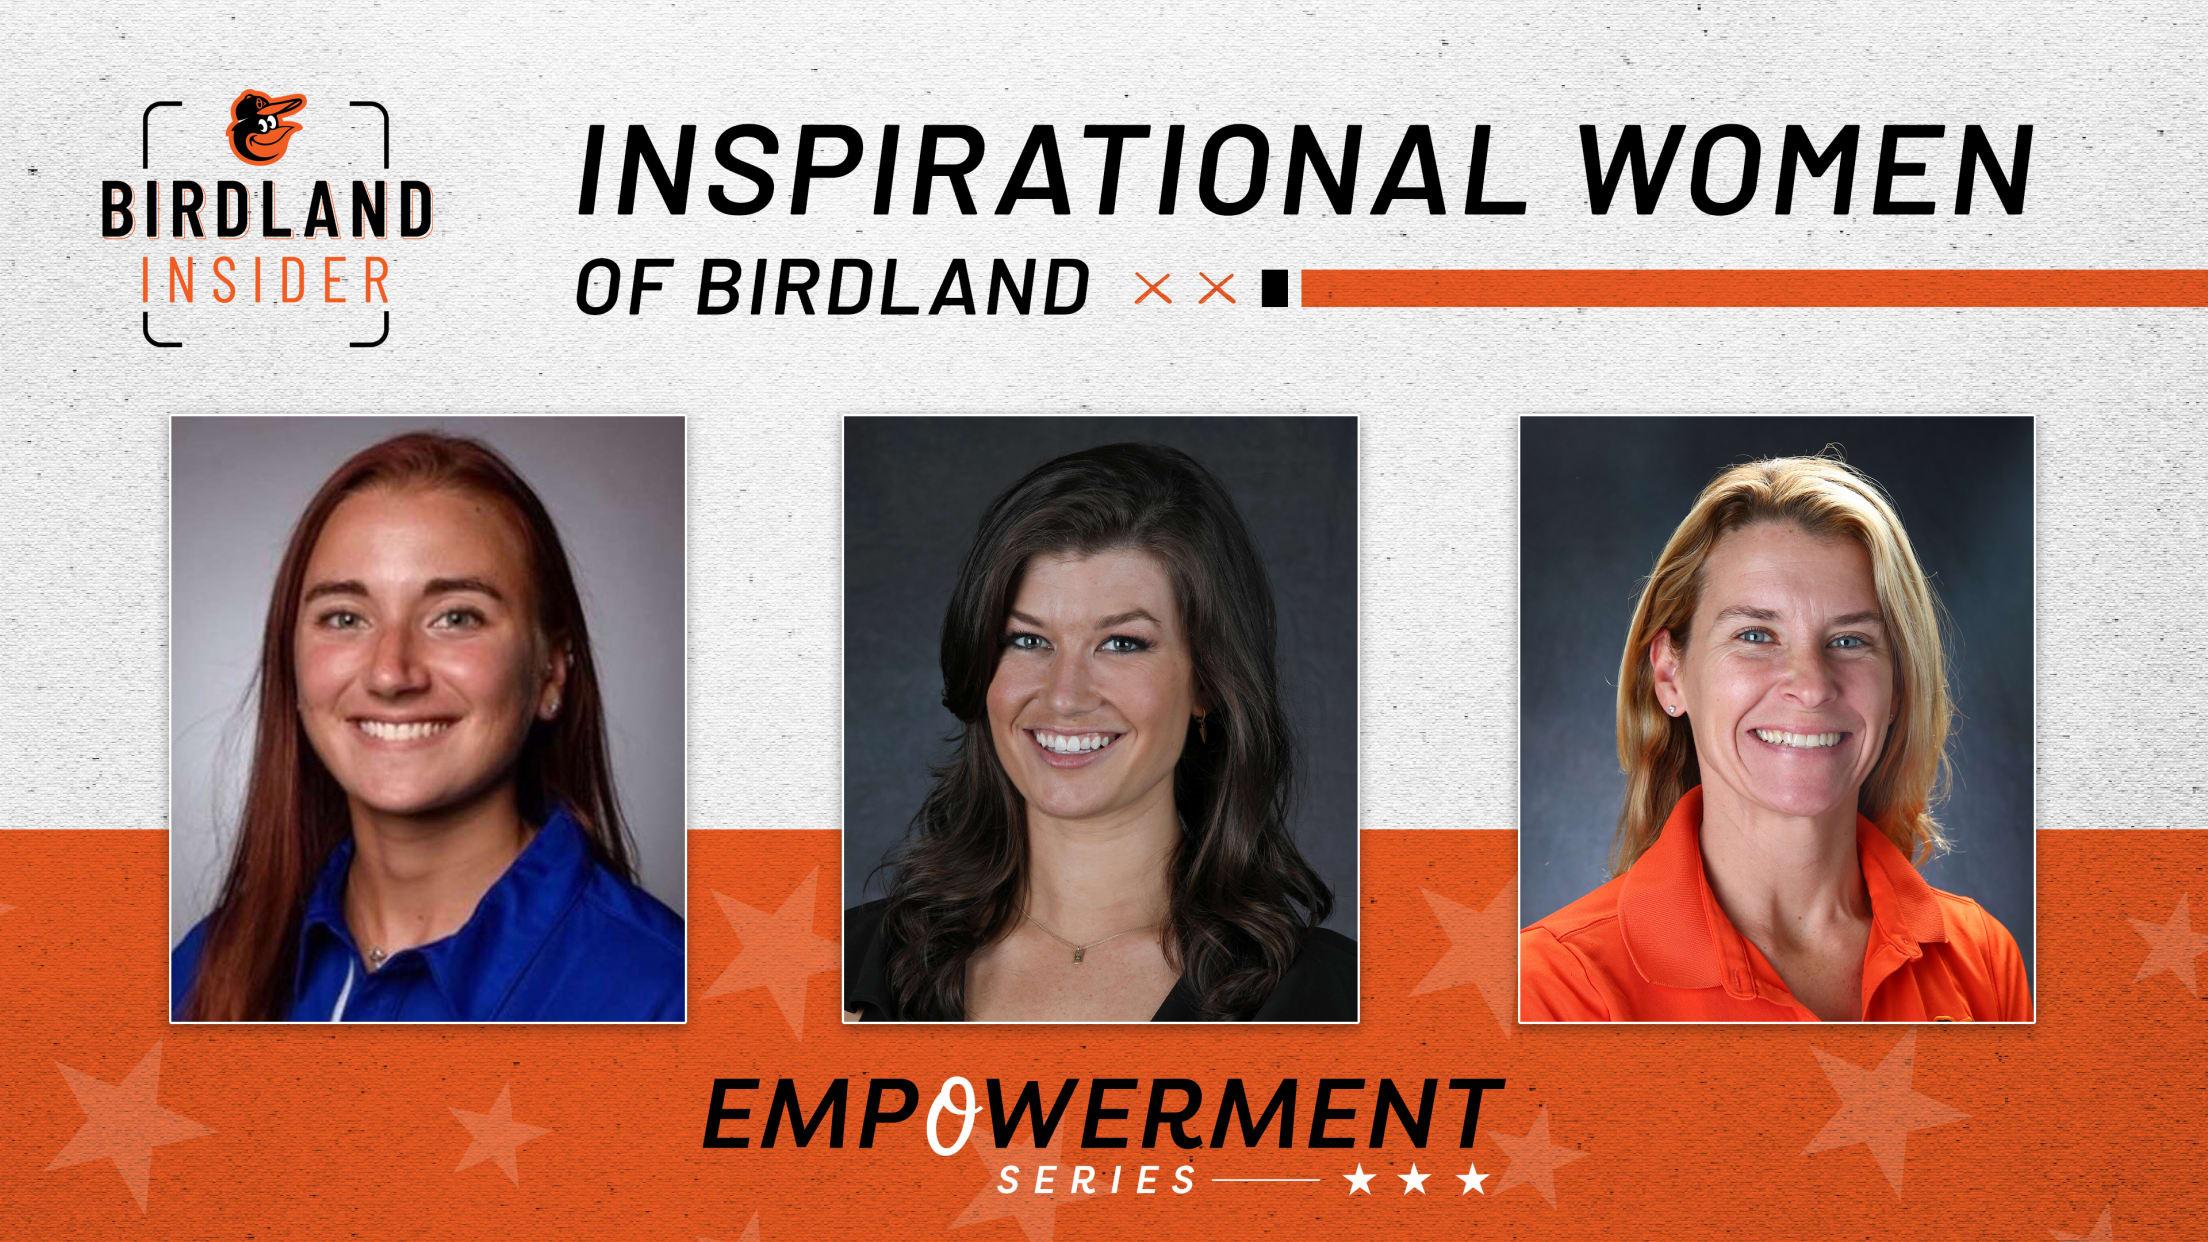 Os-BirdlandInsider_InspirWomen-V2